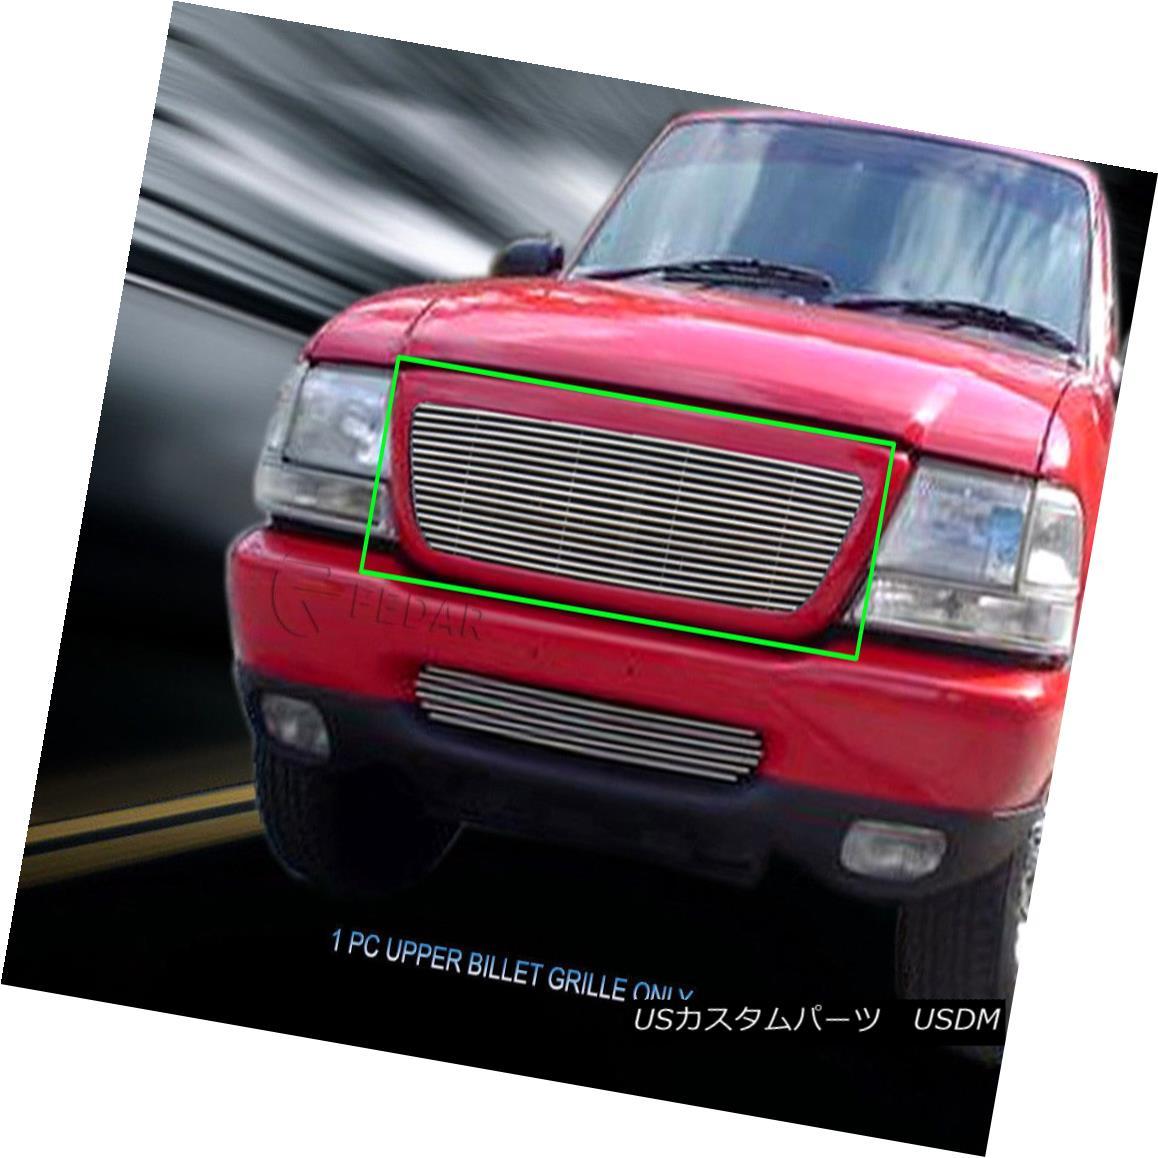 グリル For 1998-2000 Ford Ranger Replacement Billet Grille Upper Grill Insert Fedar 1998-2000フォードレンジャー交換用ビレットグリルアッパーグリルインサートFedar